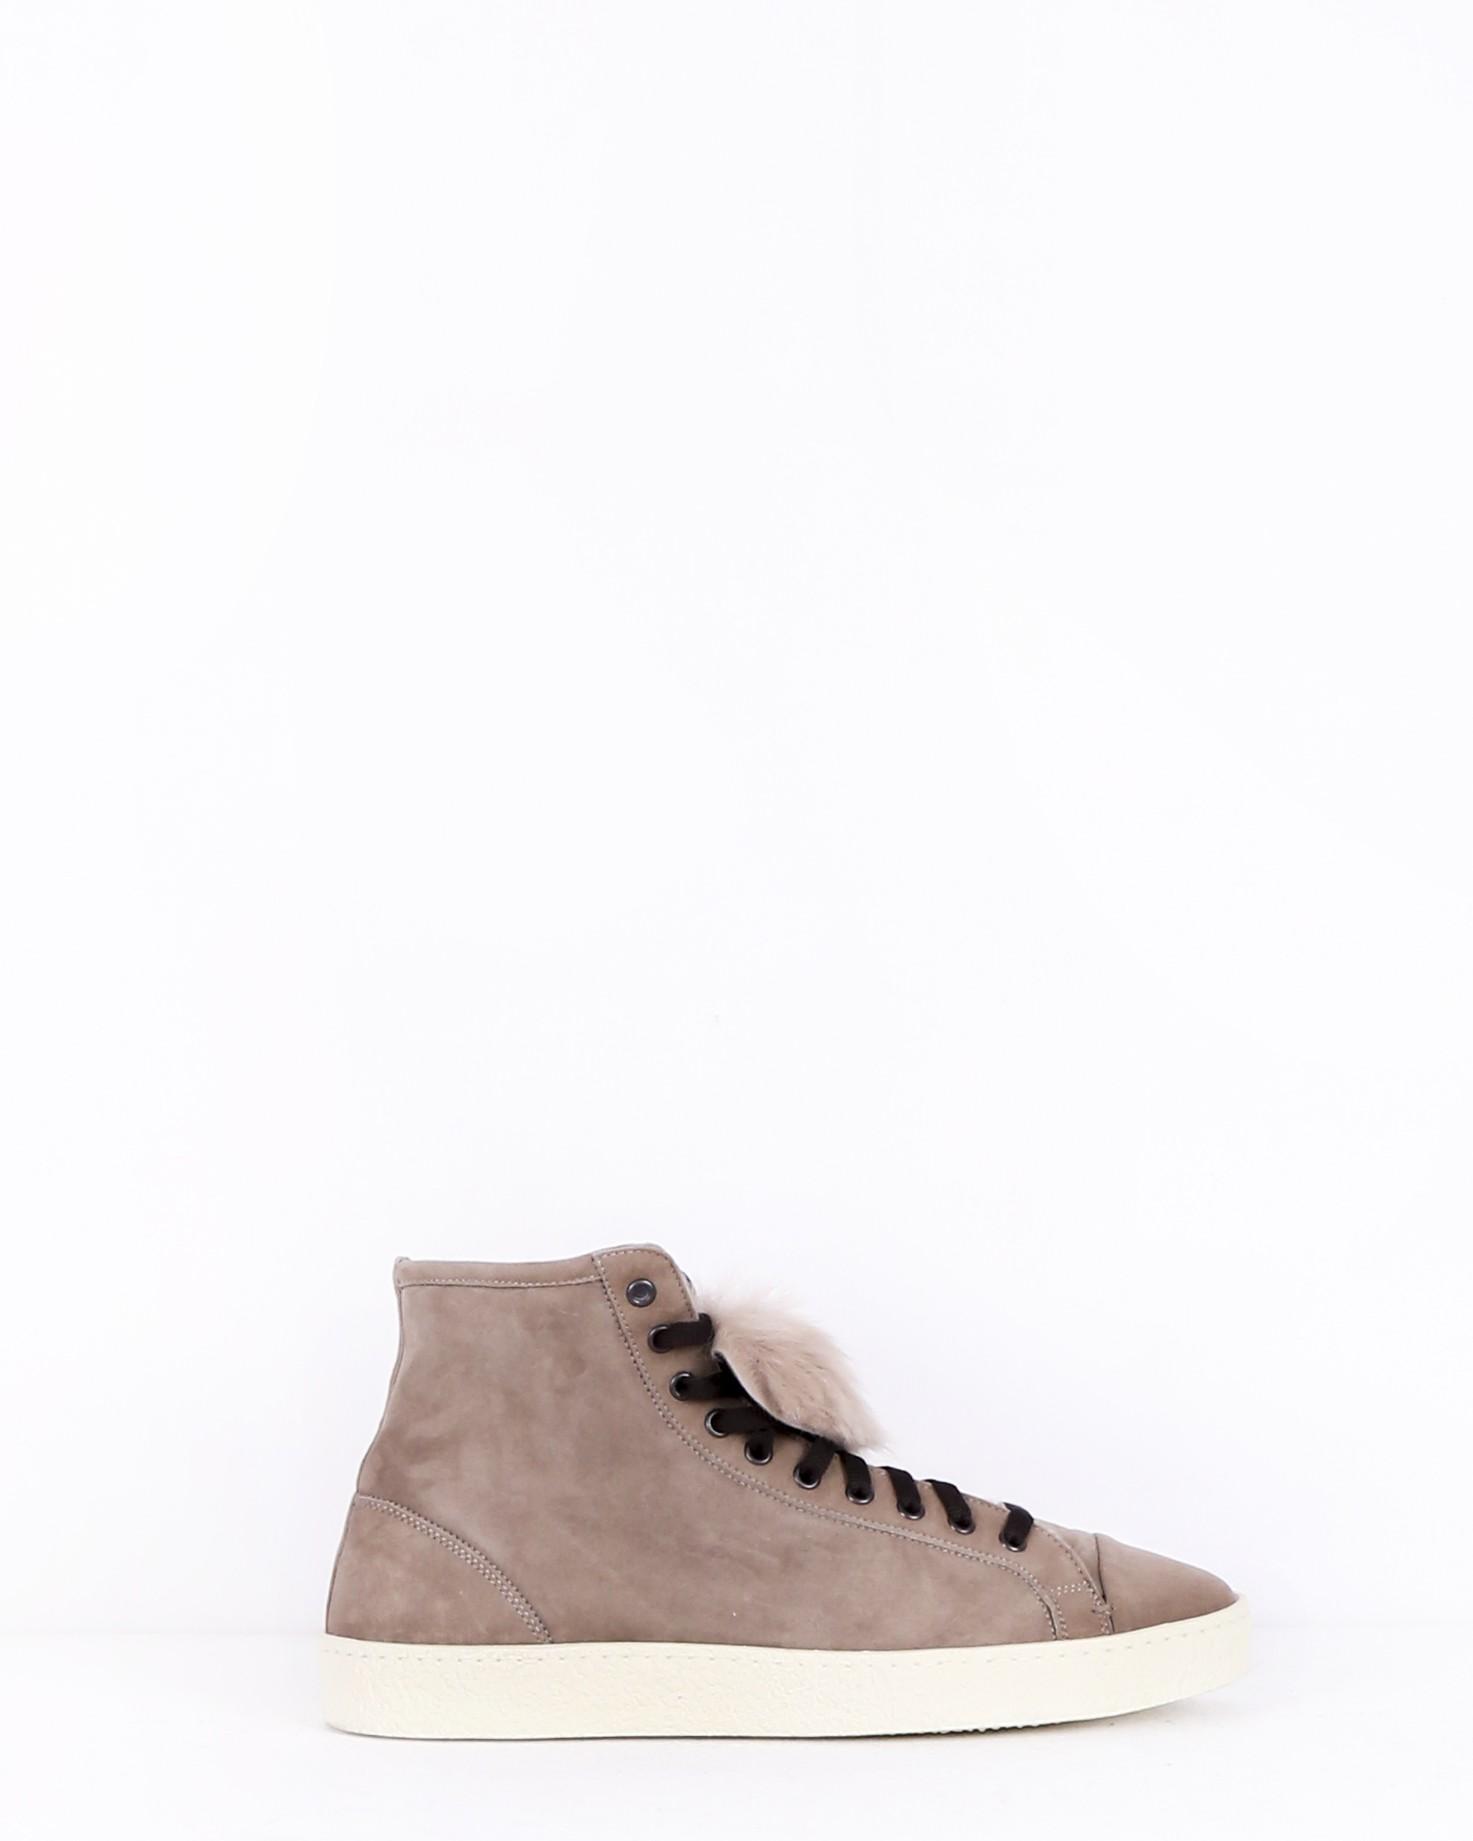 Chaussure montante en nubuck taupe à fourrure Casheart